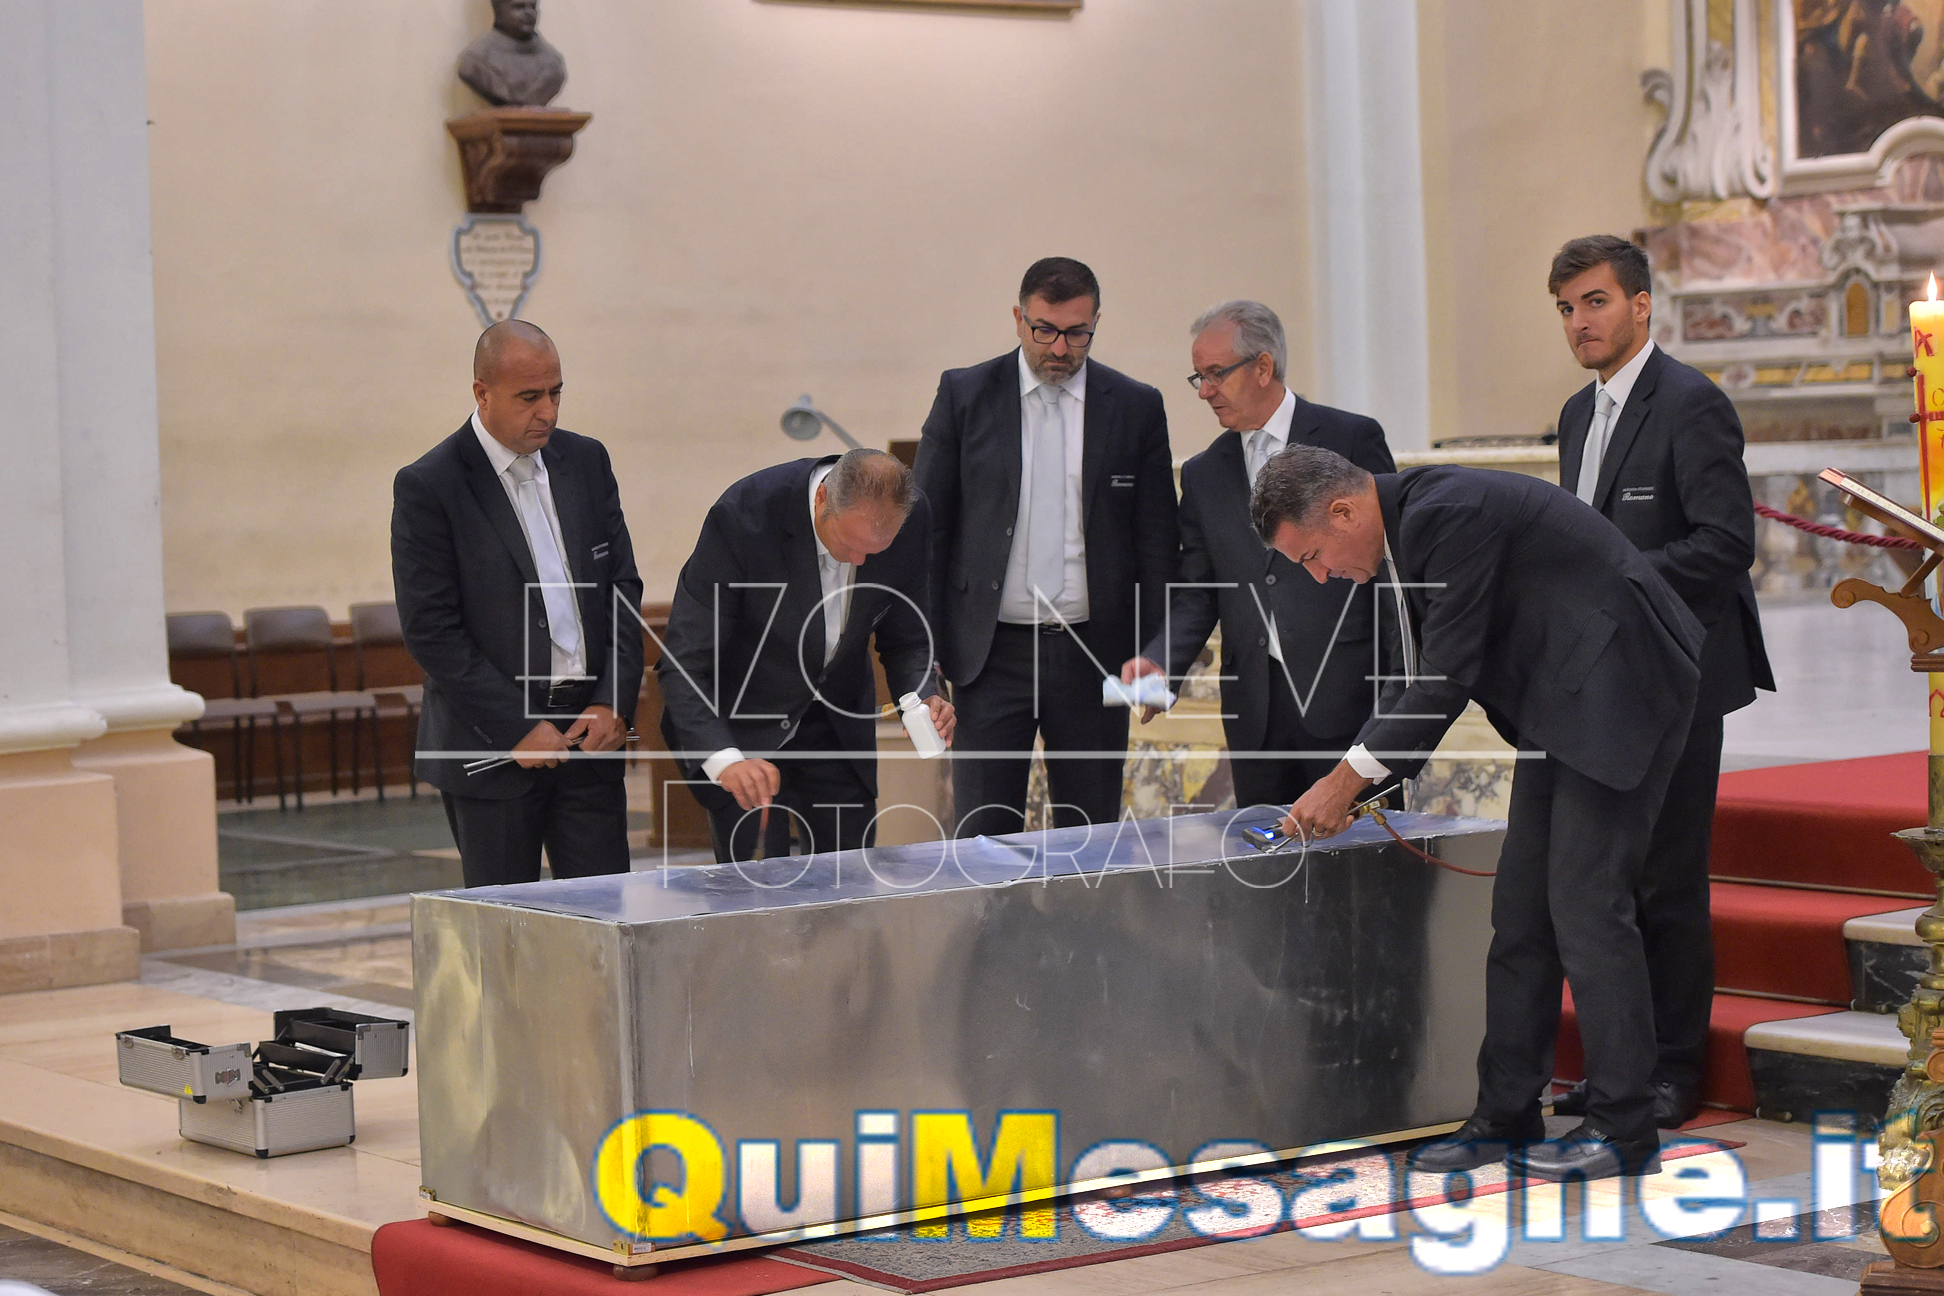 """La ditta mesagnese """"Onoranze Funebri Romano"""" per la traslazione delle spoglie di Matteo Farina"""